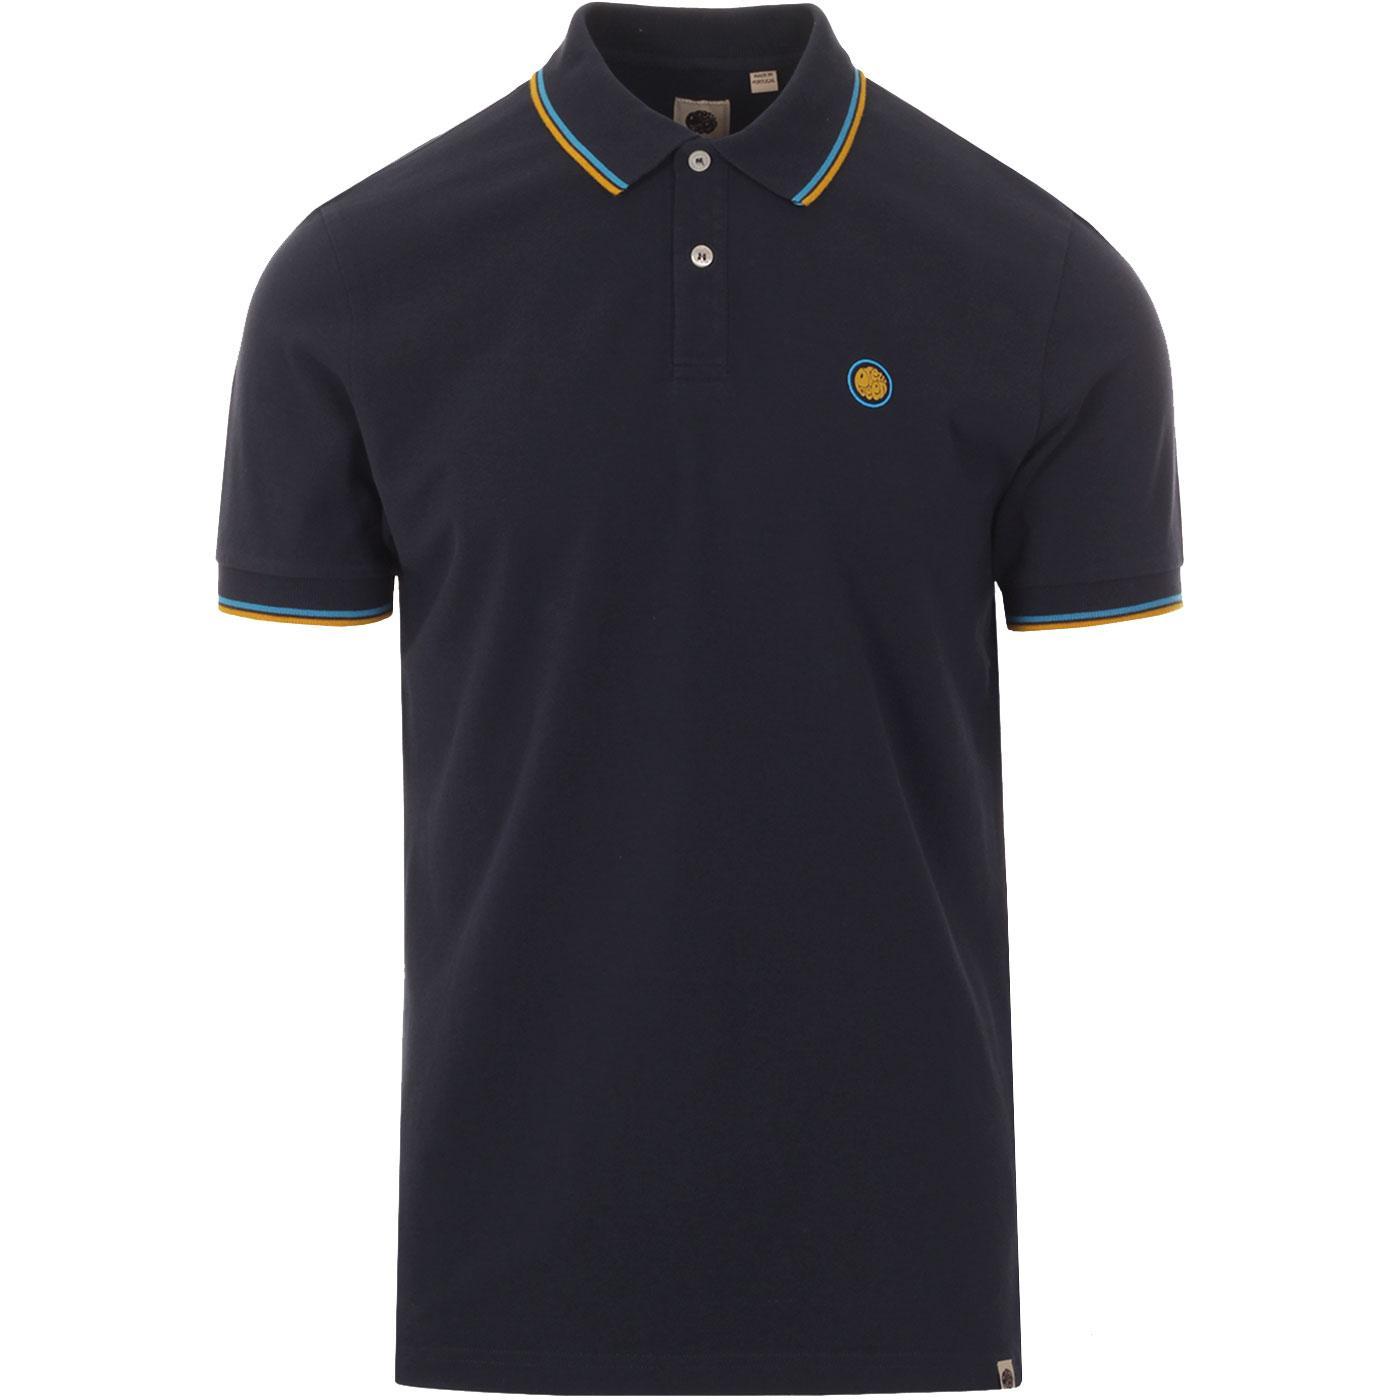 PRETTY GREEN Men's Mod Tipped Pique Polo Shirt N